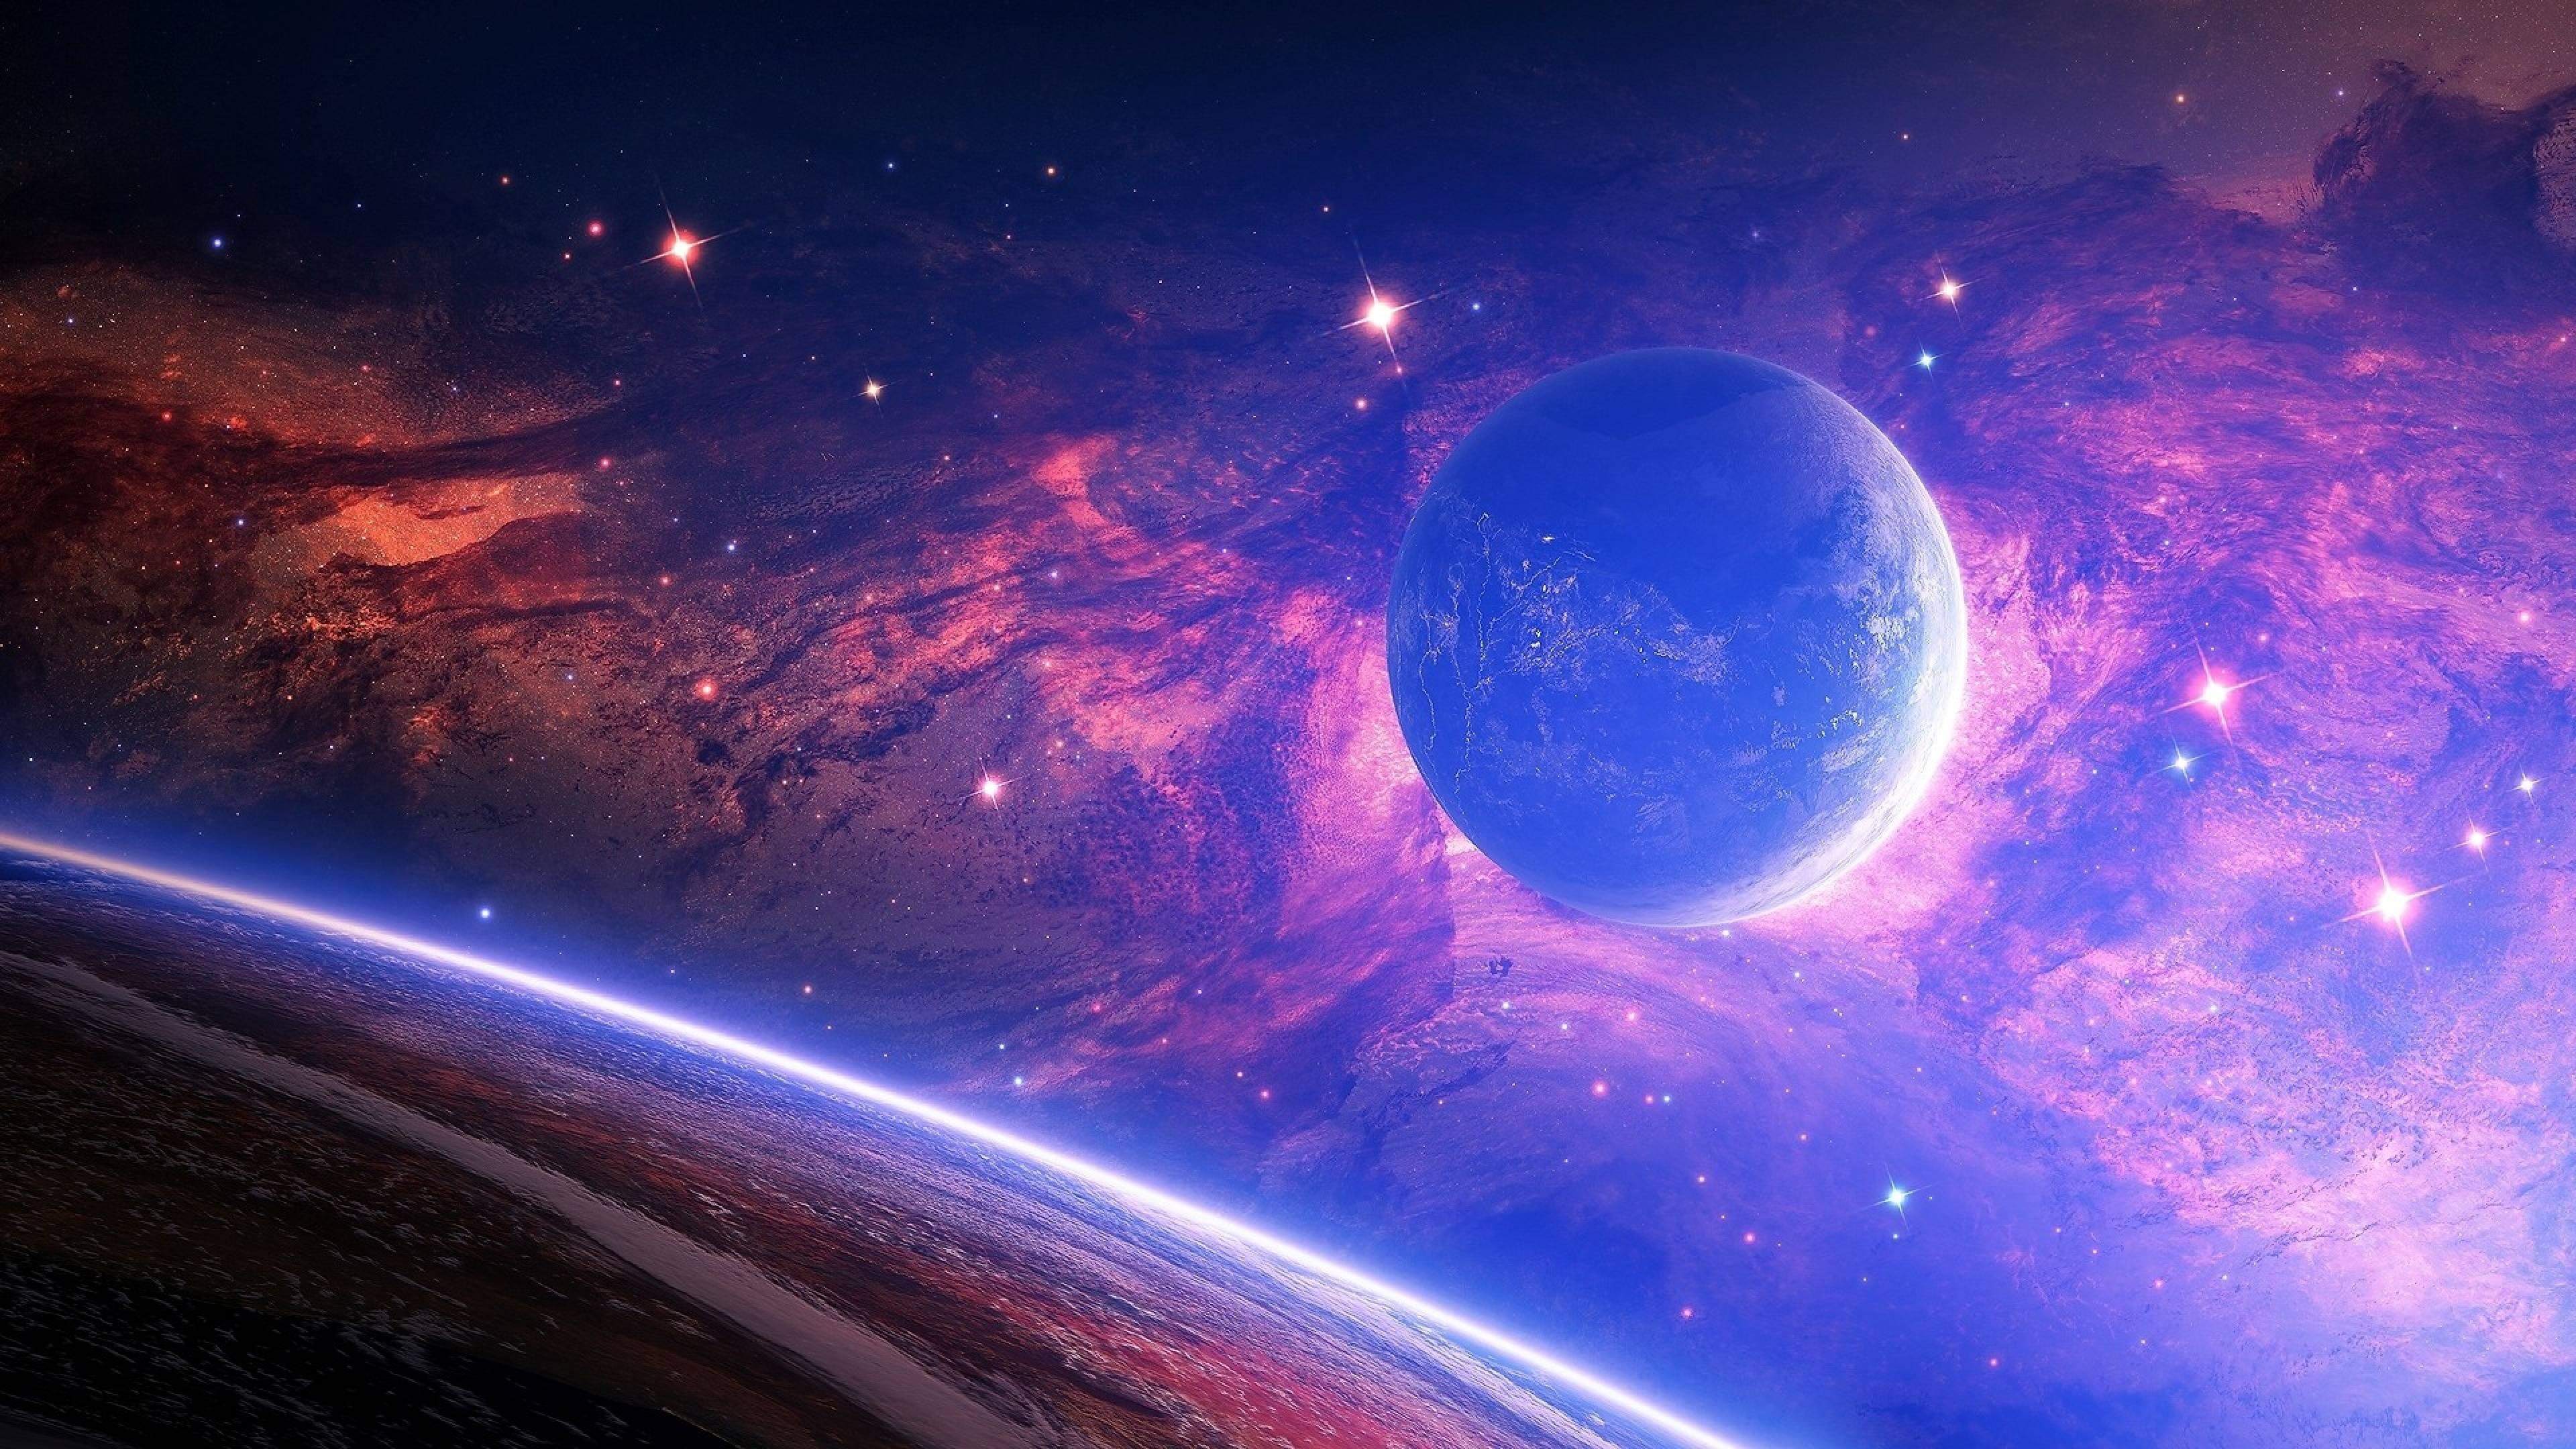 Обои галактика космос звезды картинки на рабочий стол на тему Космос - скачать  № 3548446 бесплатно